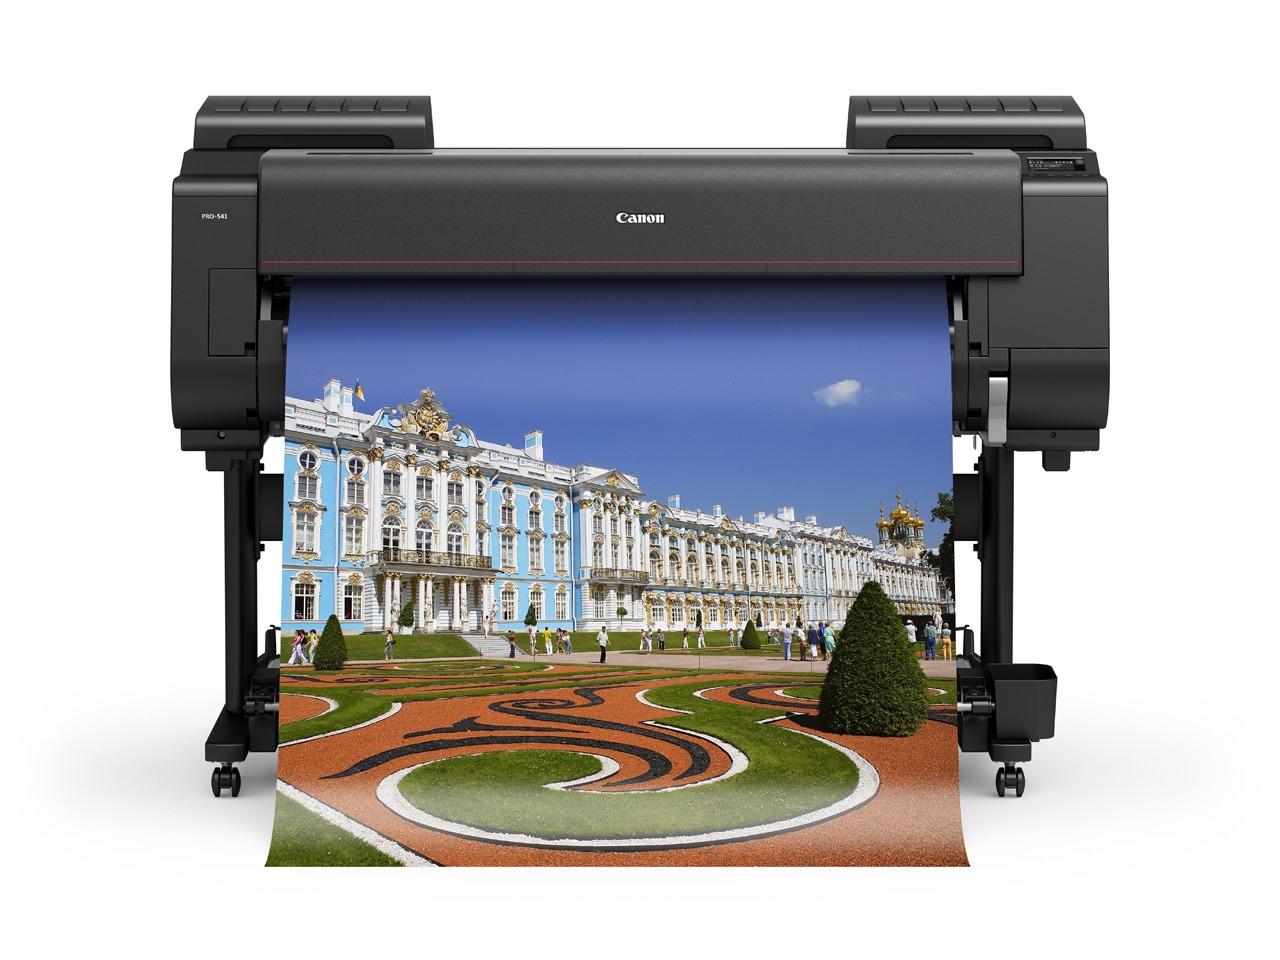 Canon ra mắt loạt máy in chuyên nghiệp khổ lớn imagePROGRAF PRO Series tại Việt Nam